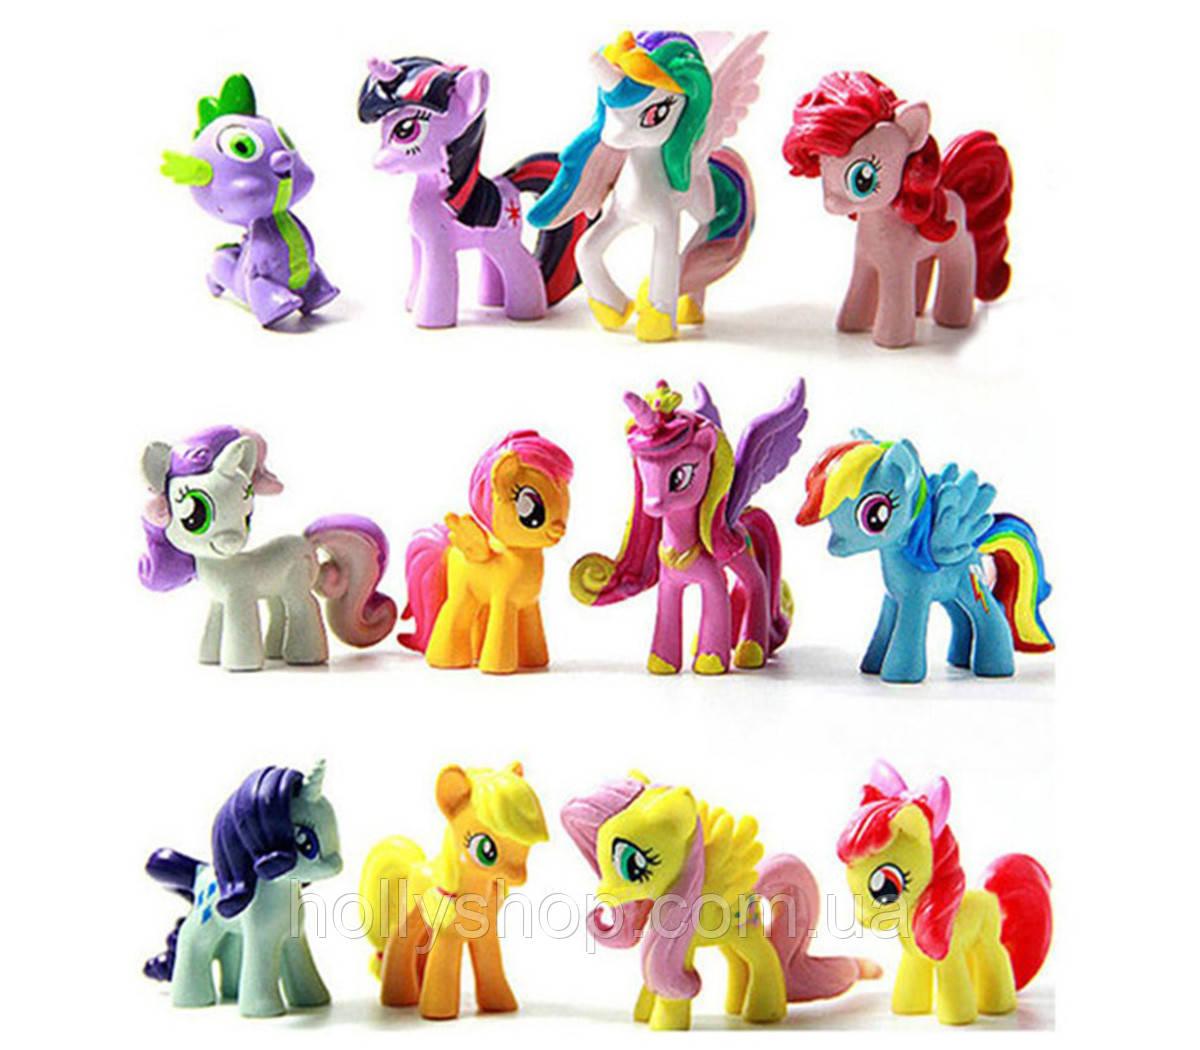 Набор фигурок Май Литл Пони My little pony фигурки Пони 12 шт